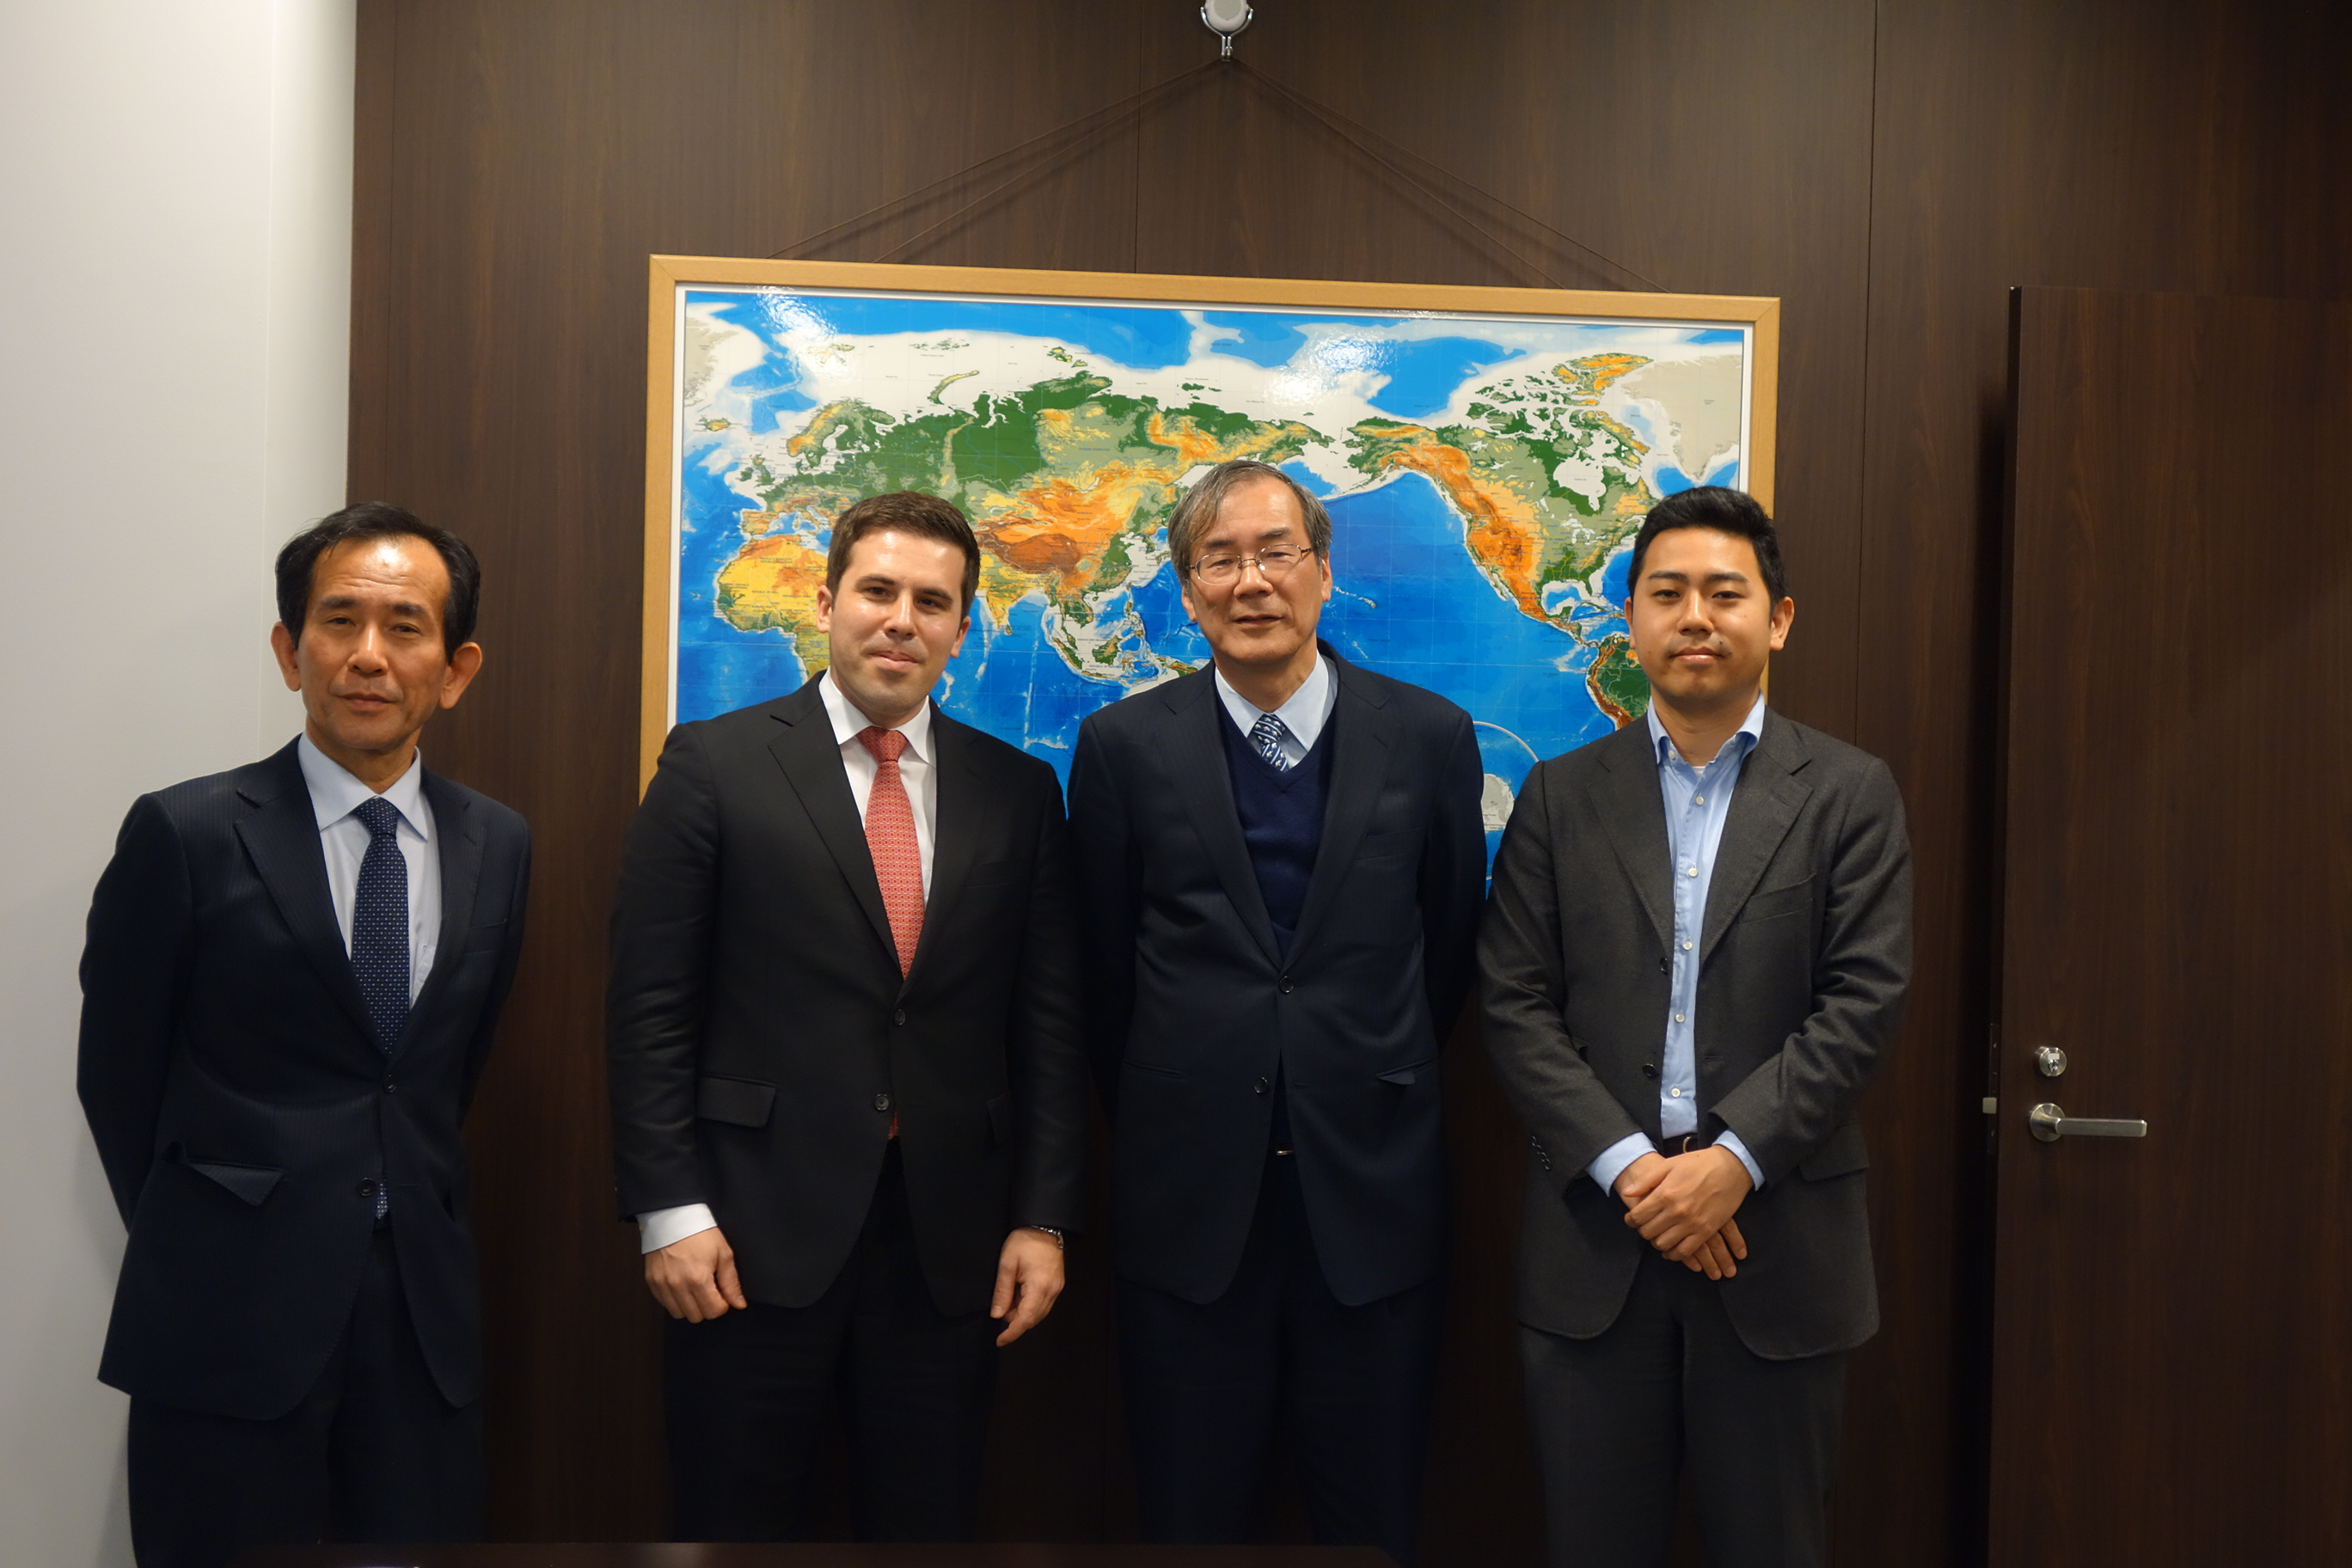 大阪・神戸ドイツ連邦共和国総領事館より経済担当官がご訪問